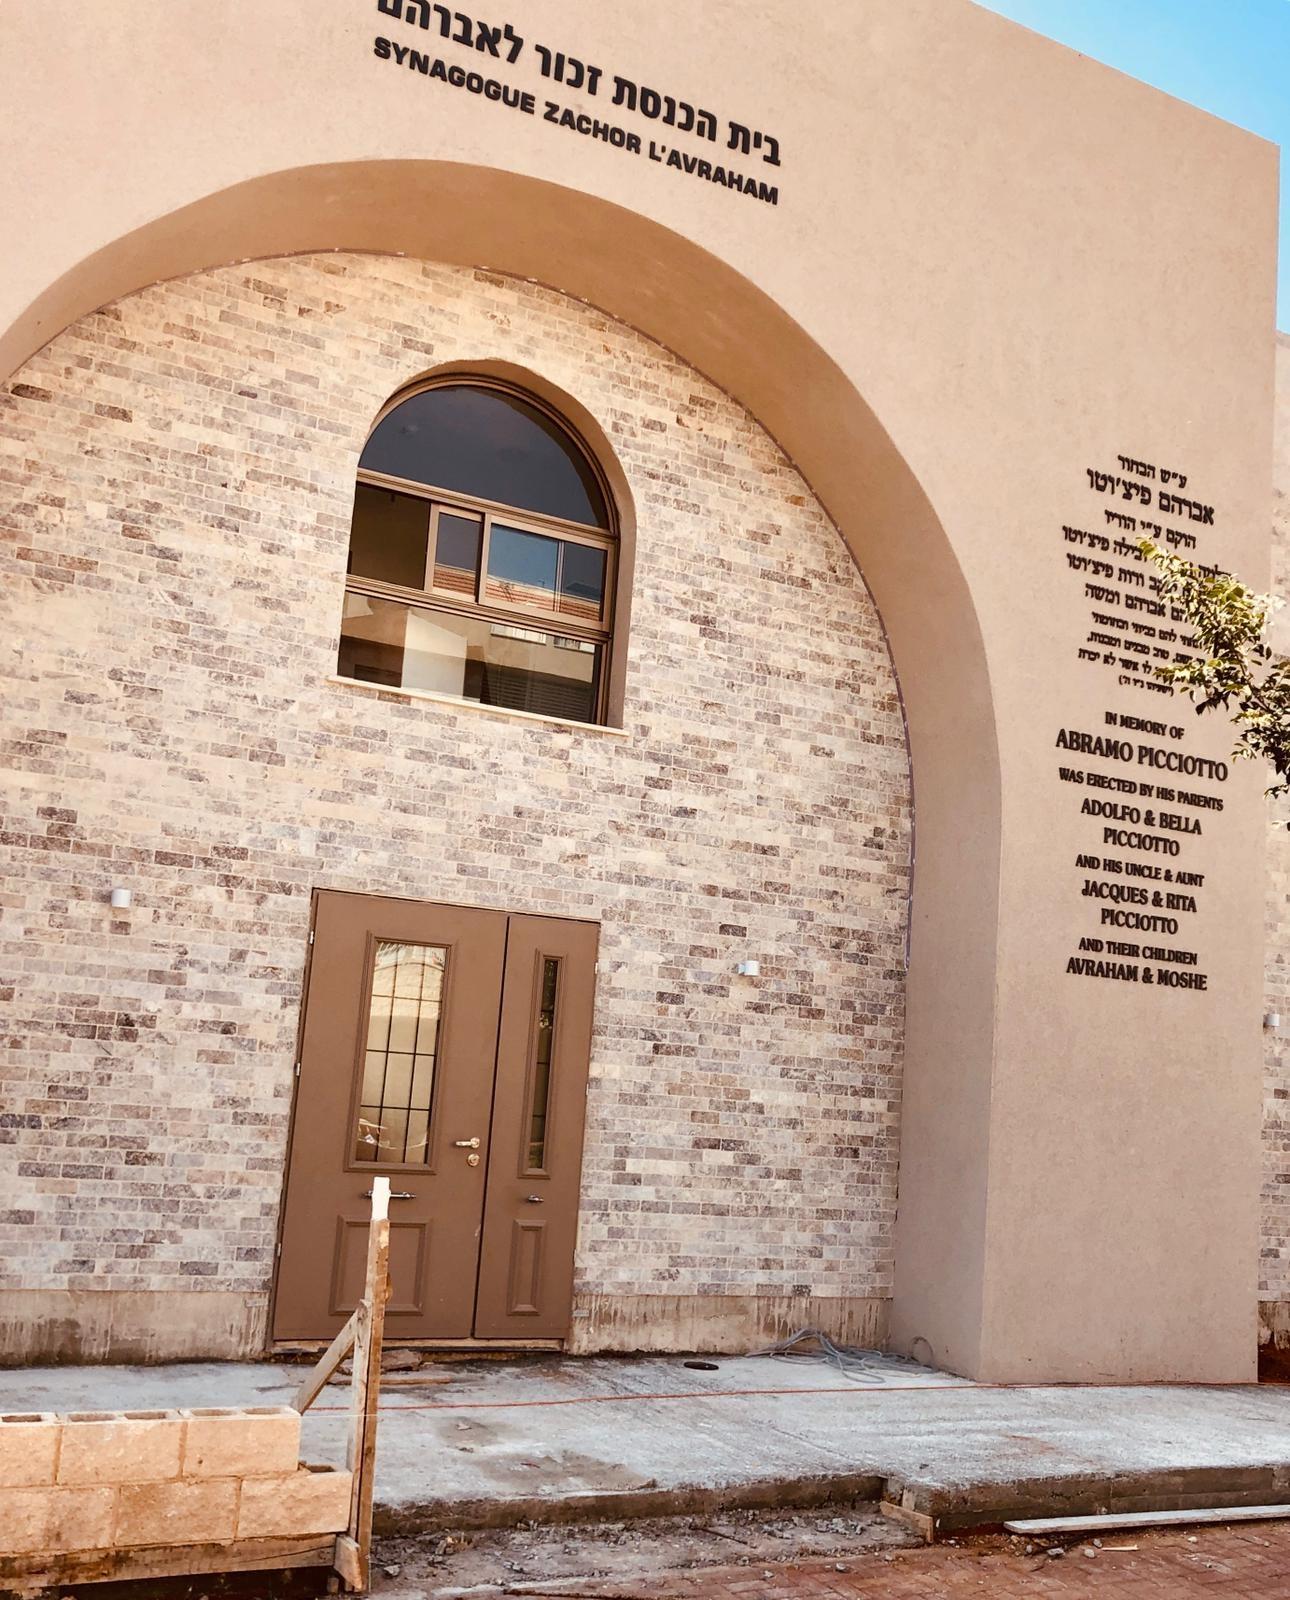 """ערב תשעה באב: בית הכנסת """"זכור לאברהם"""" בשכונת האוניברסיטה נפרץ ואלפי שקלים נגנבו תוך נזק רב למקום"""